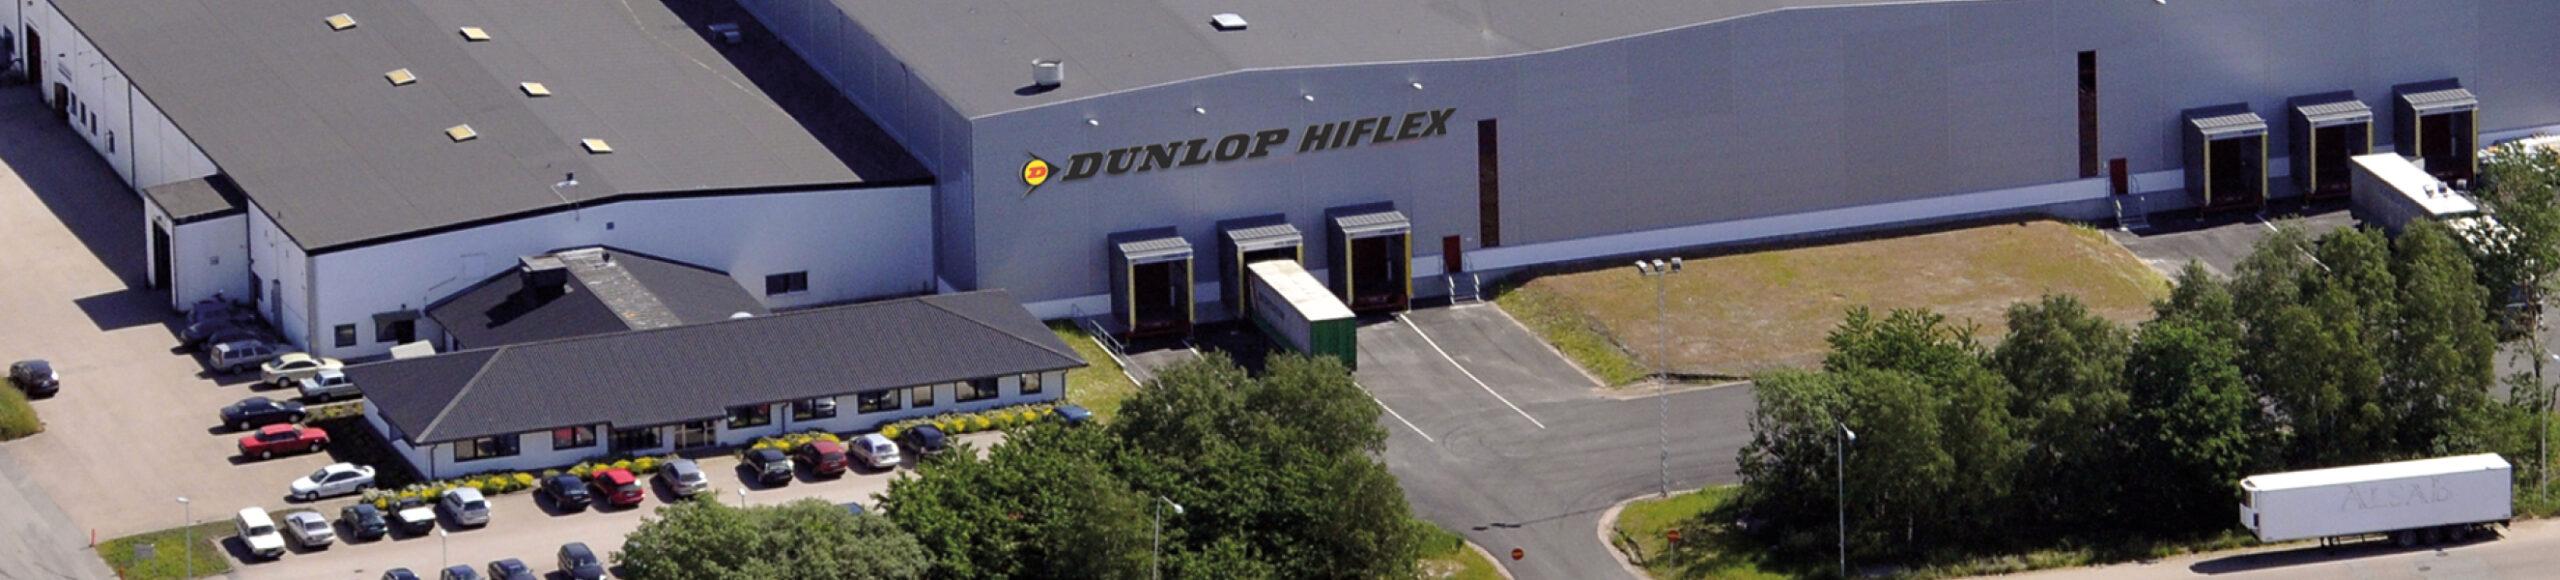 Dunlop Hiflex Scandinavia Dunlop Hiflex Sverige